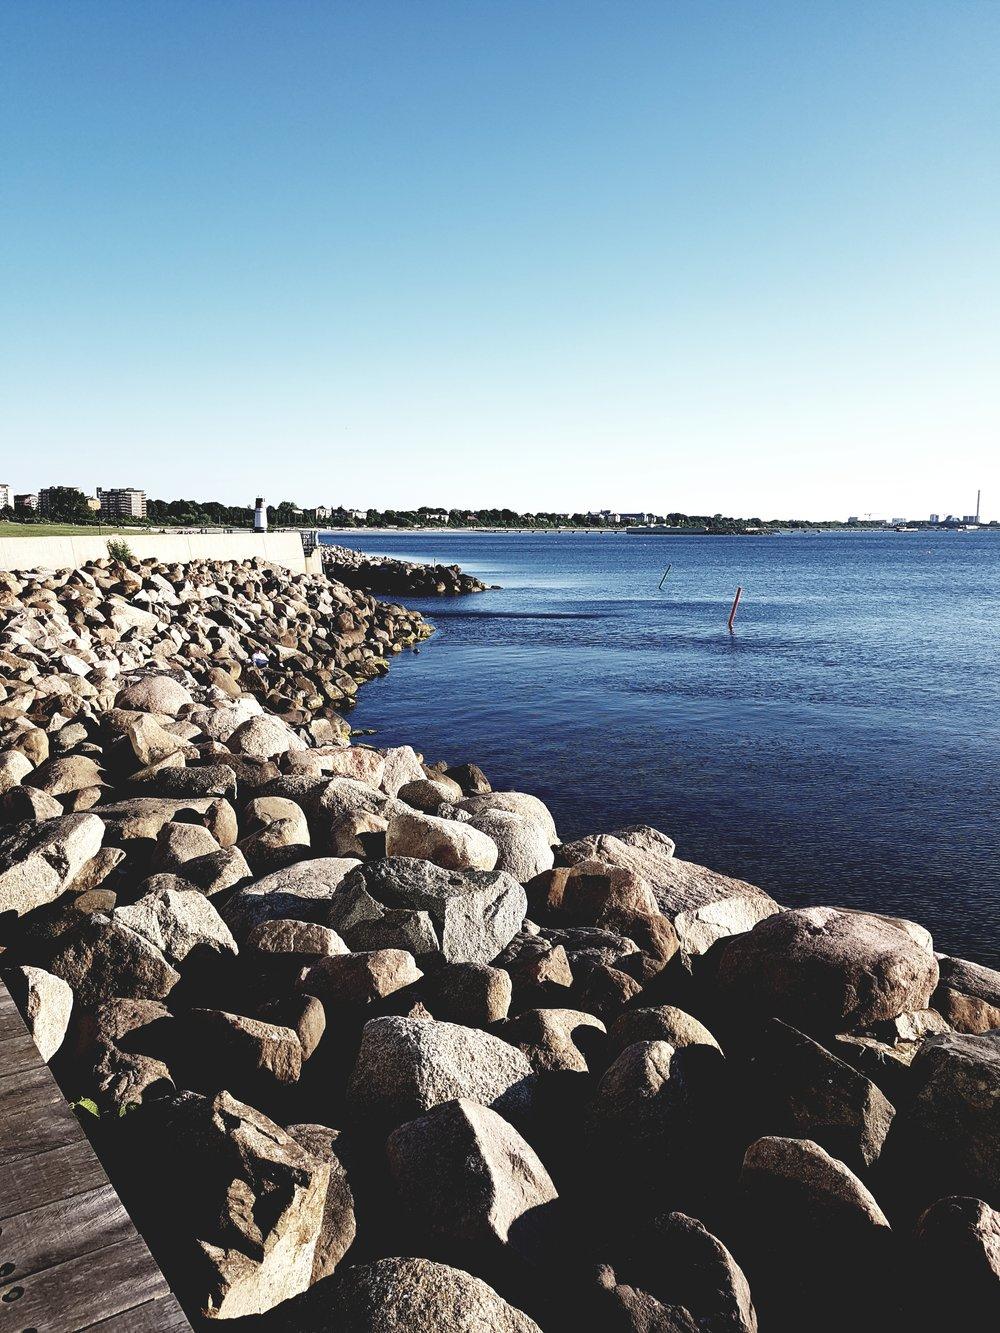 Vastra hamnen 9.jpg